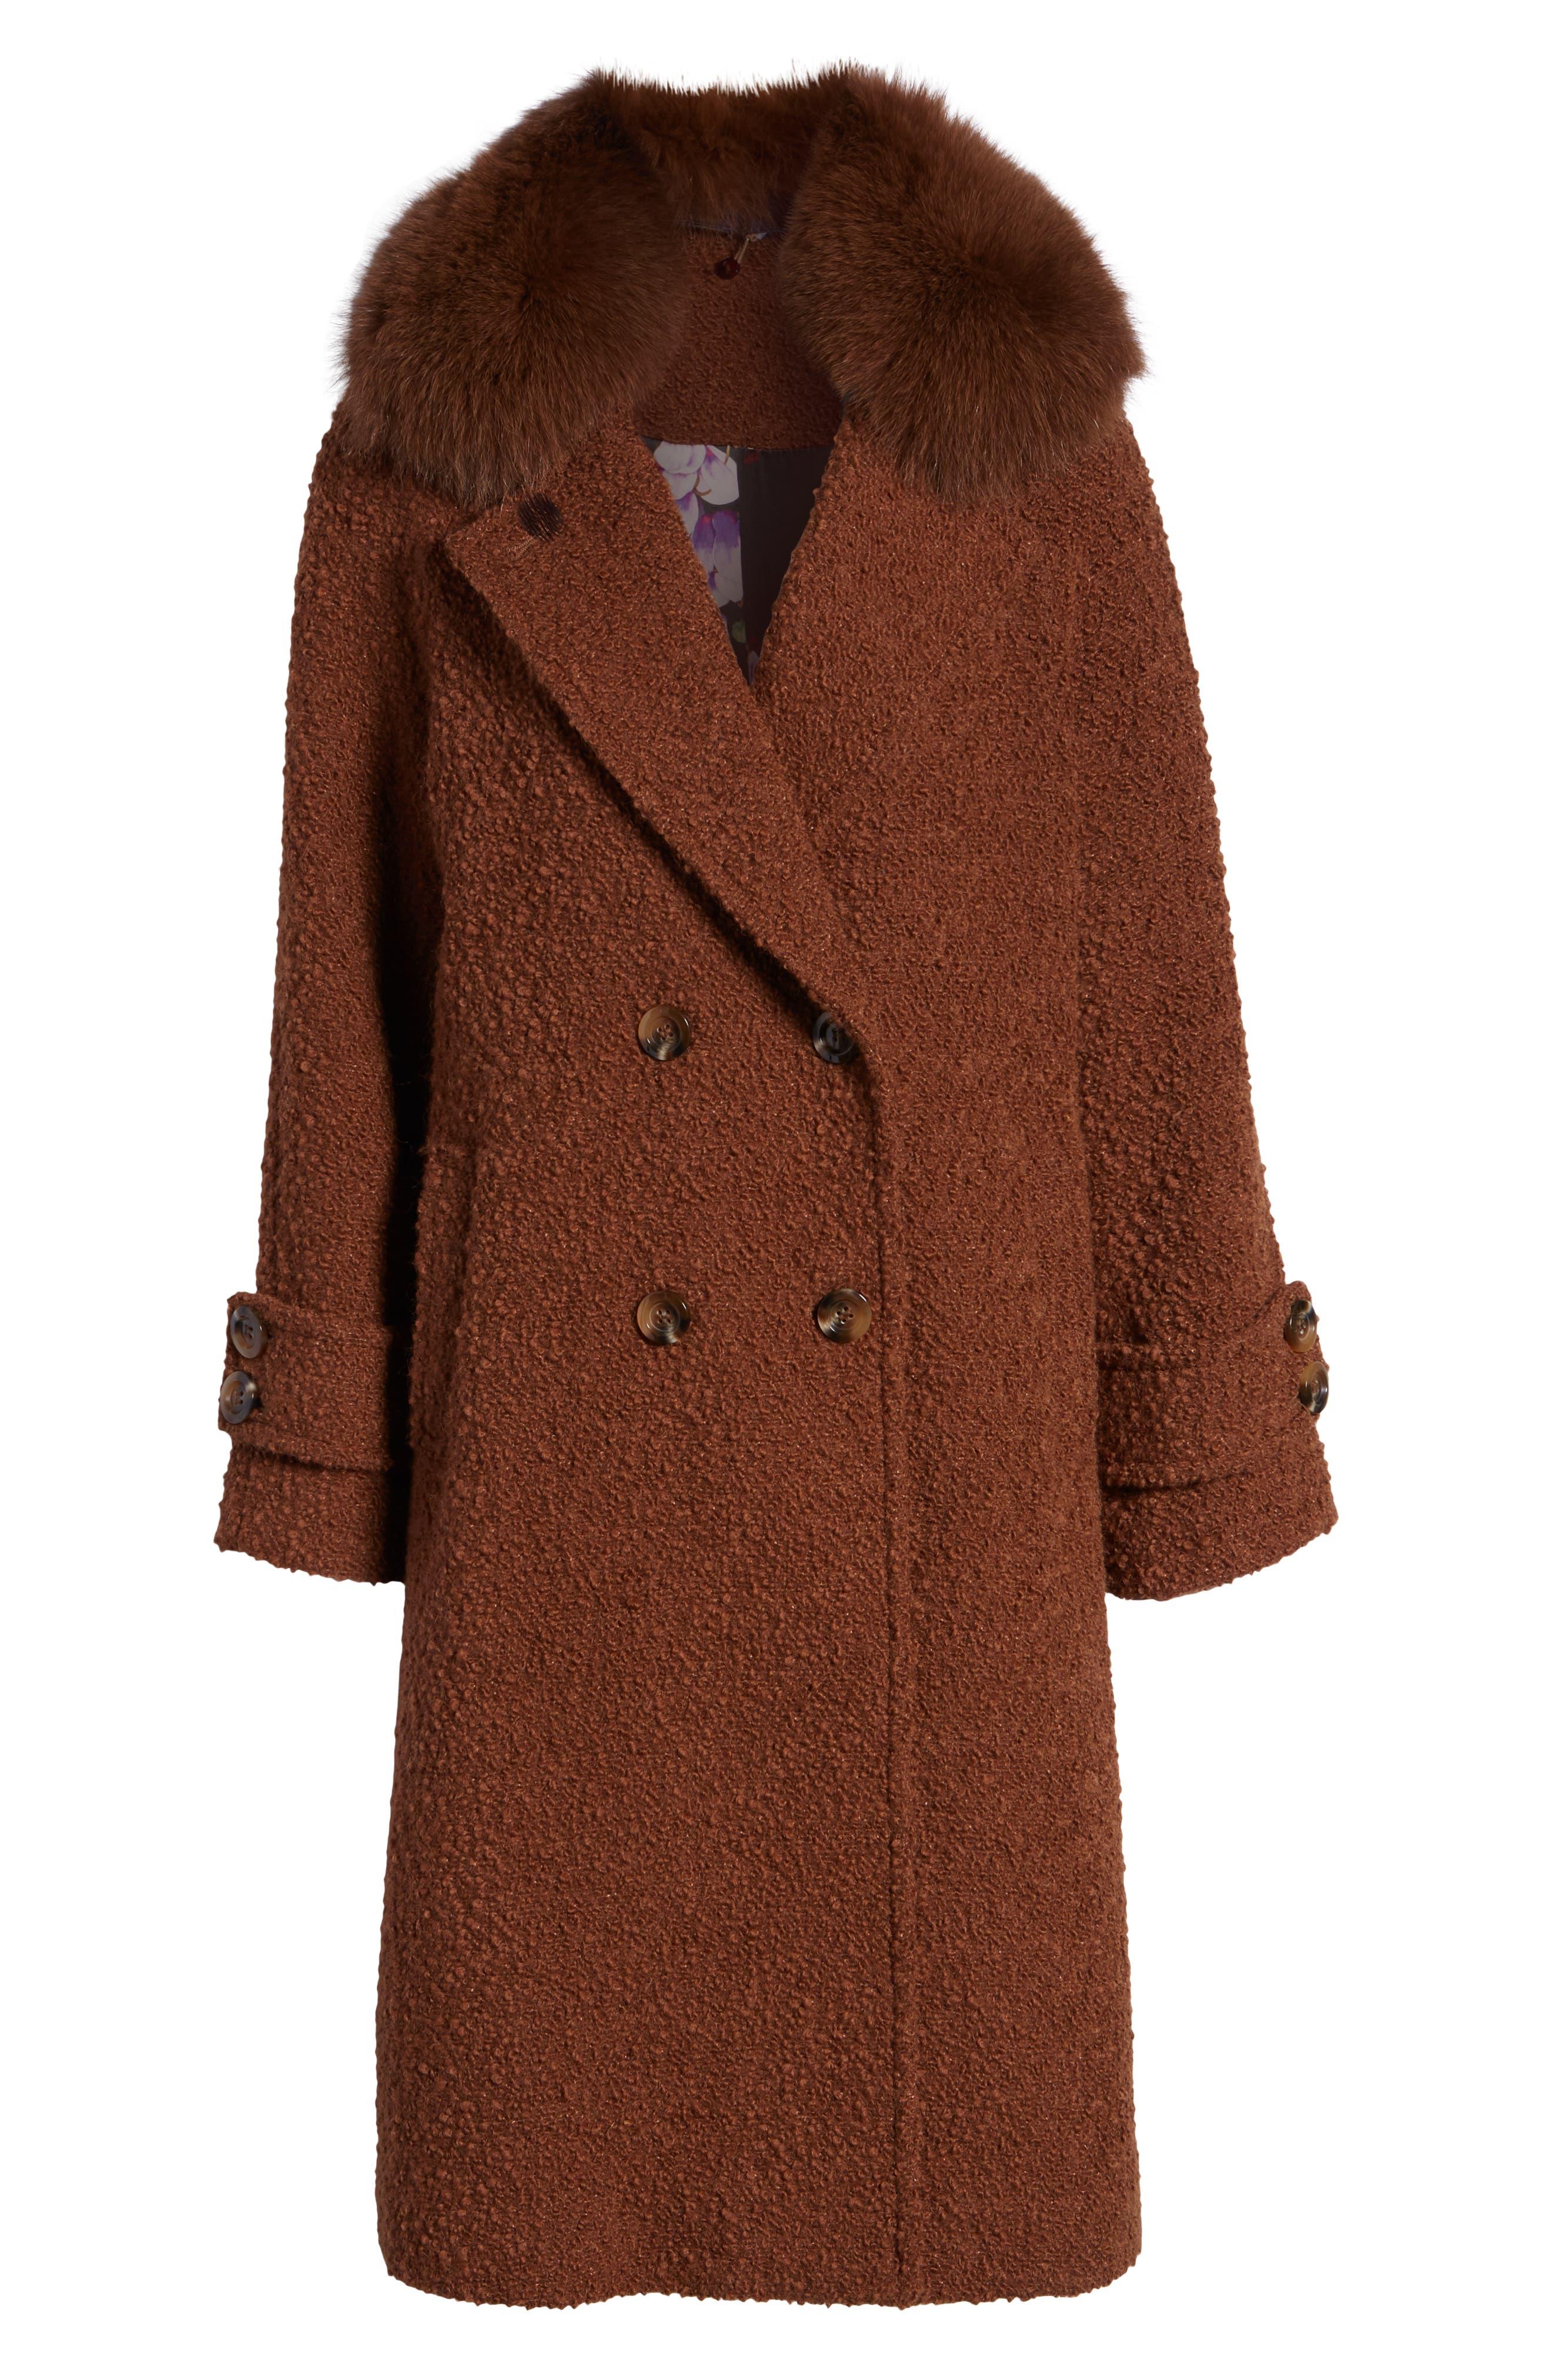 London Genuine Fox Fur Trim Long Coat,                             Alternate thumbnail 6, color,                             250